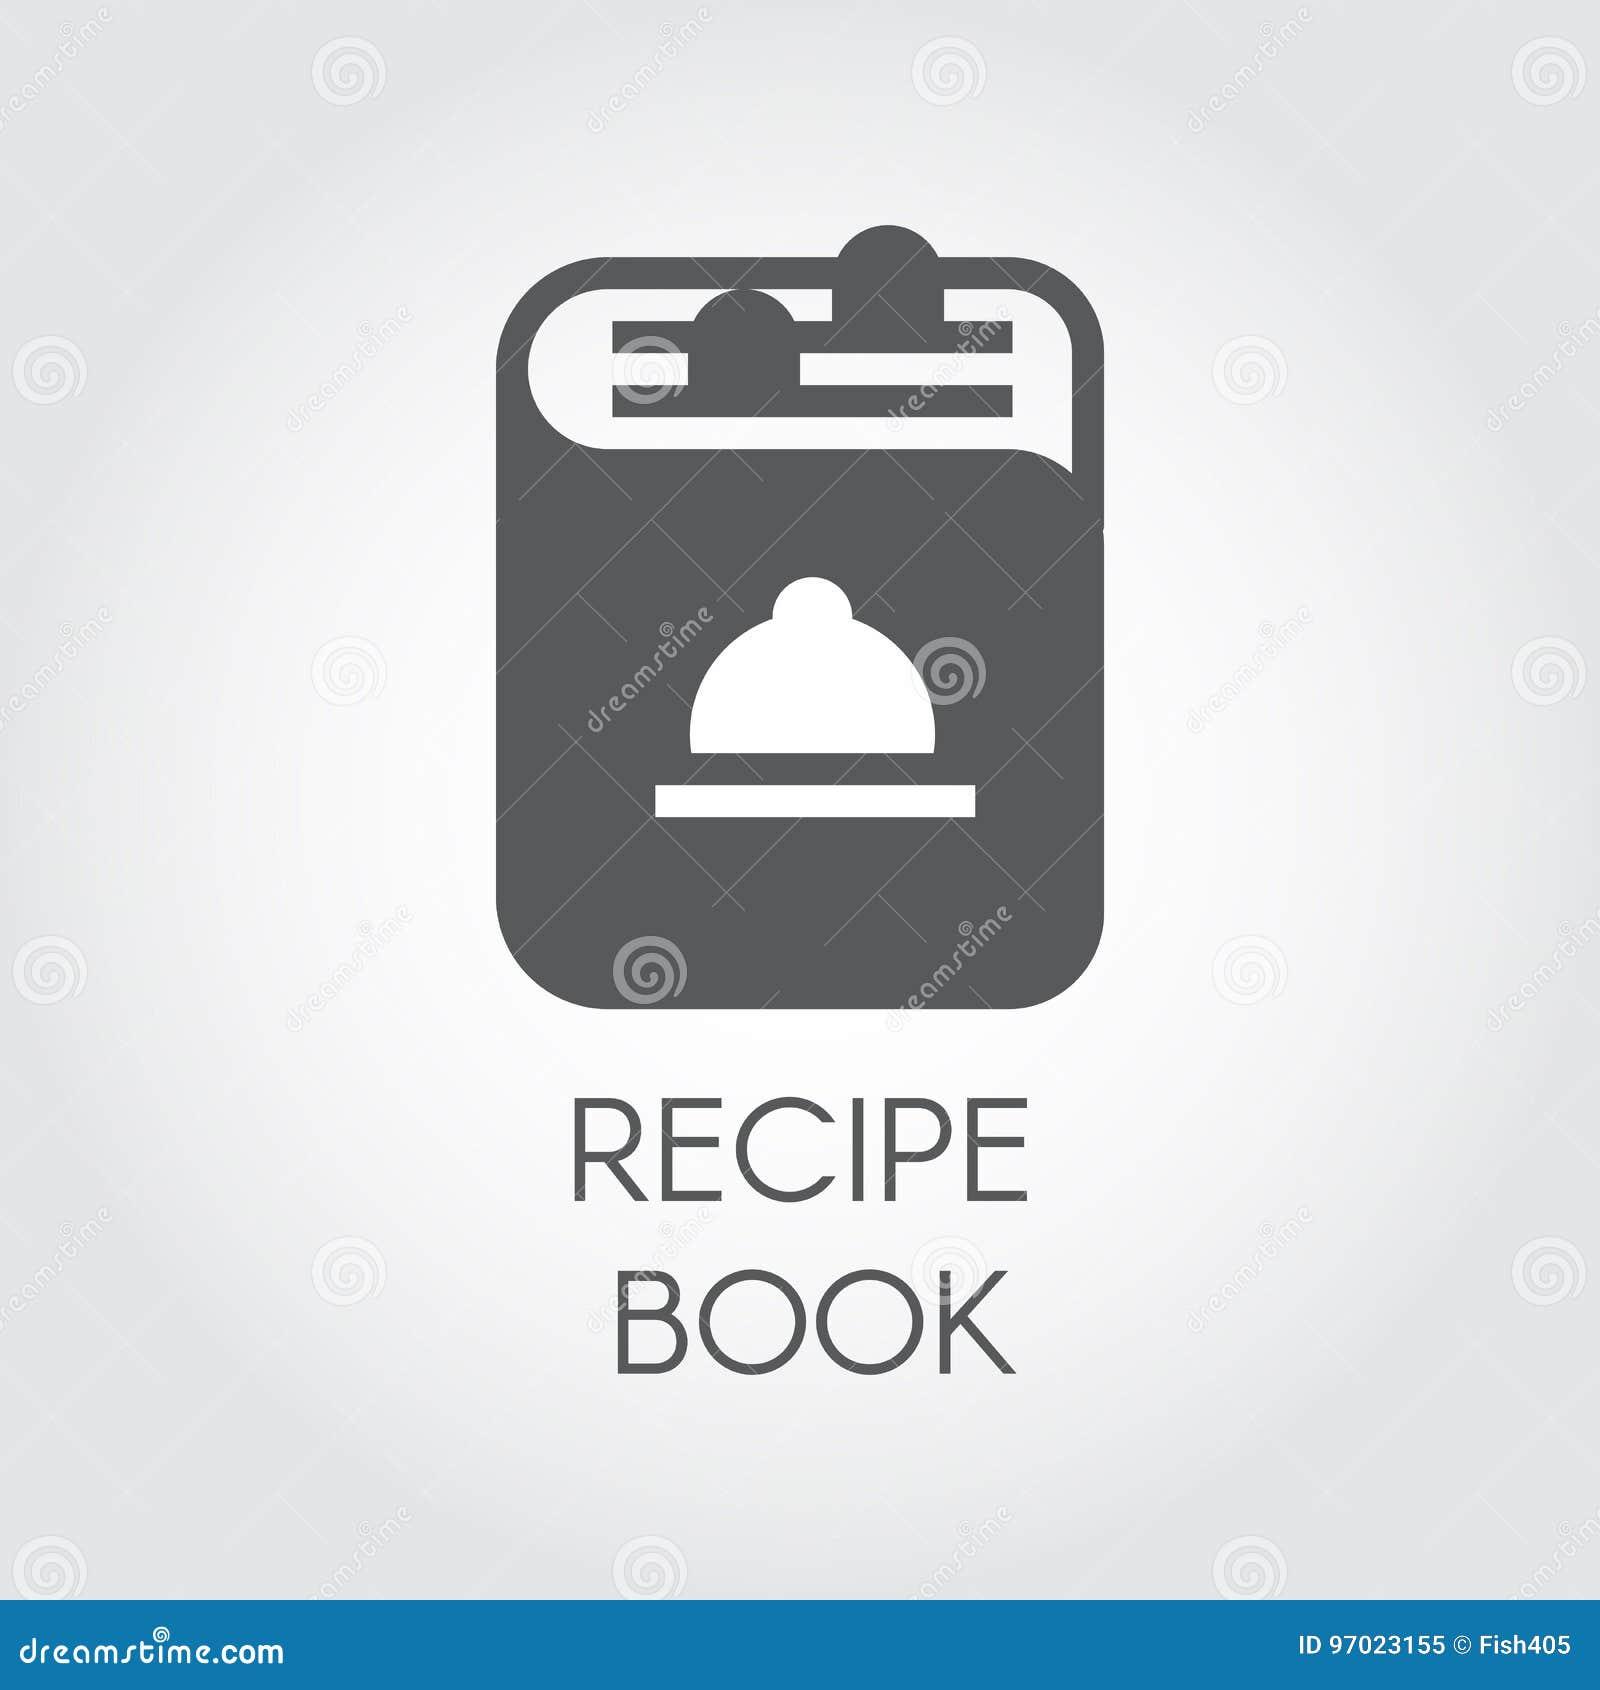 Icone Du Dessin De Livre De Recette Dans Le Style Plat Logo